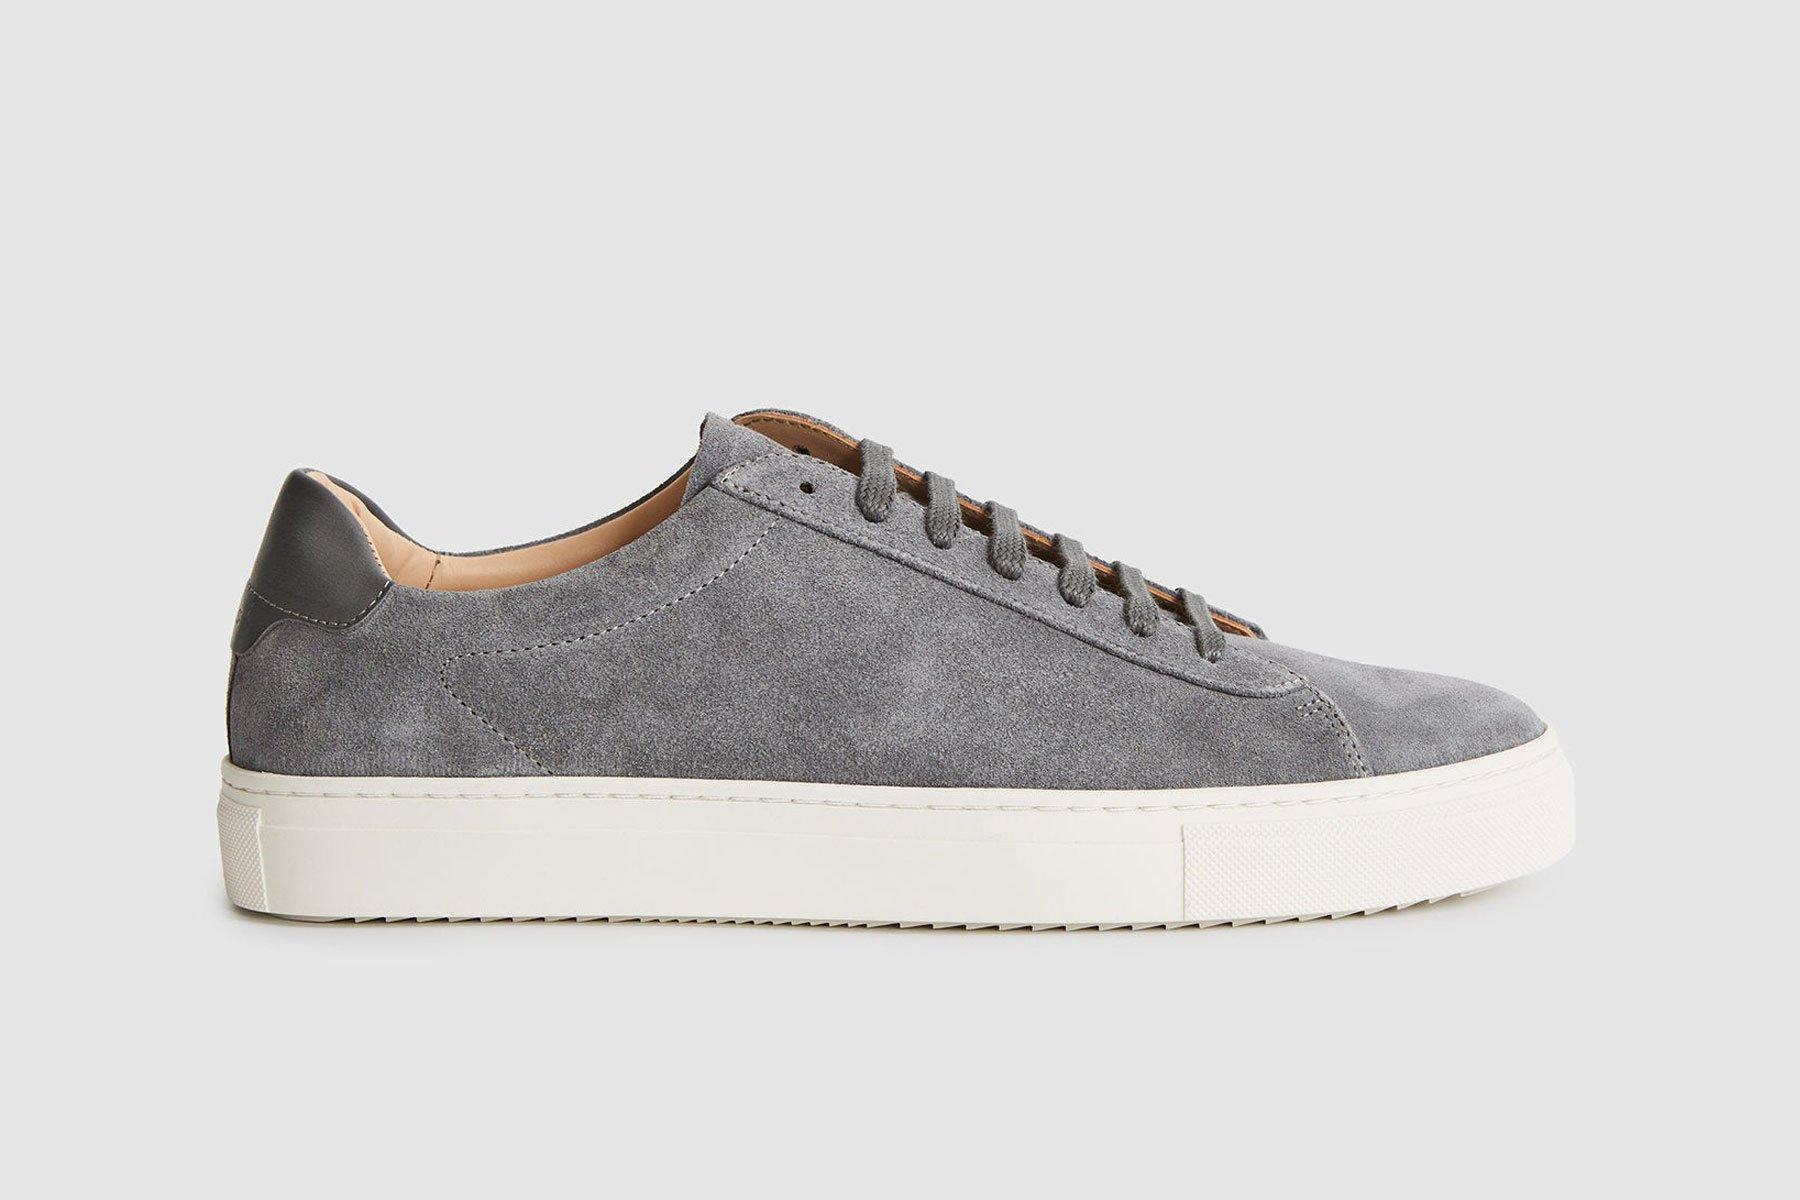 The Best Minimalist Sneakers - Gessato